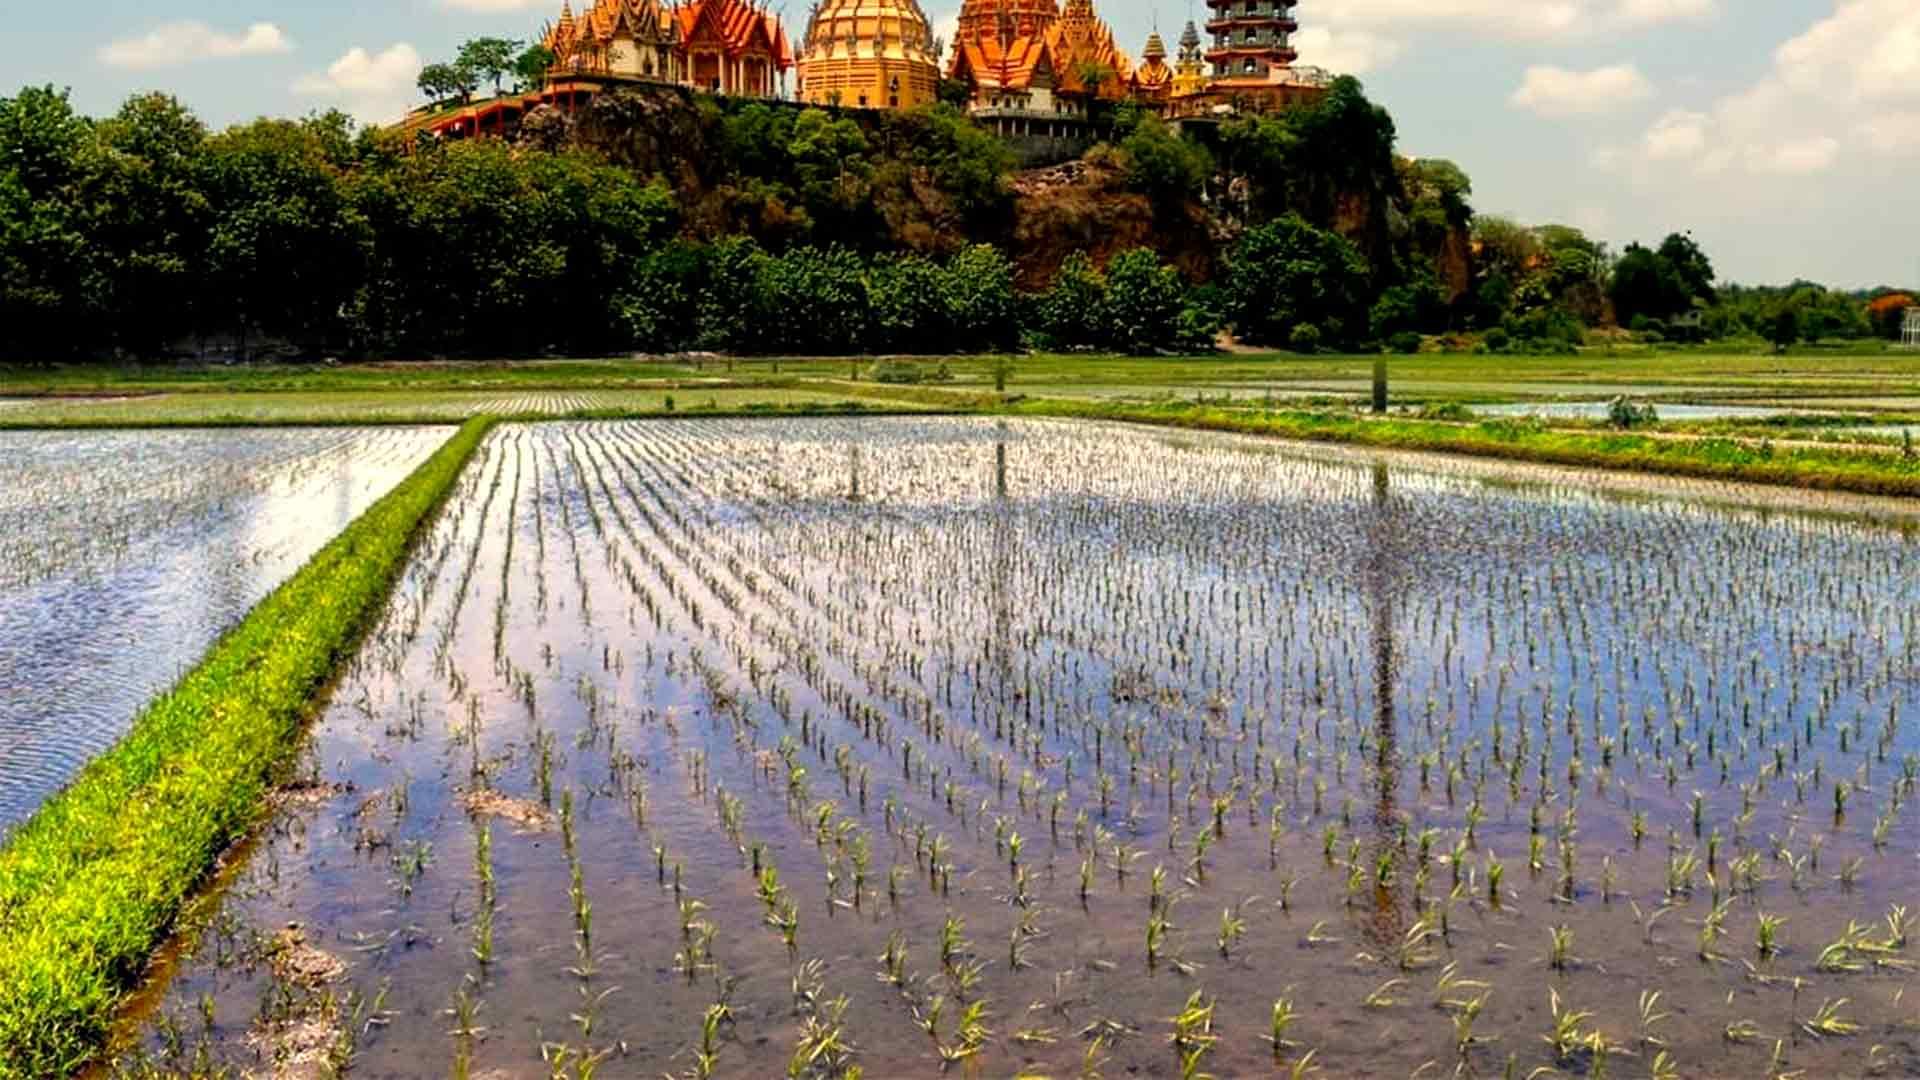 En Çok Pirinç Üretimi Yapan Ülkeler?fit=thumb&w=418&h=152&q=80